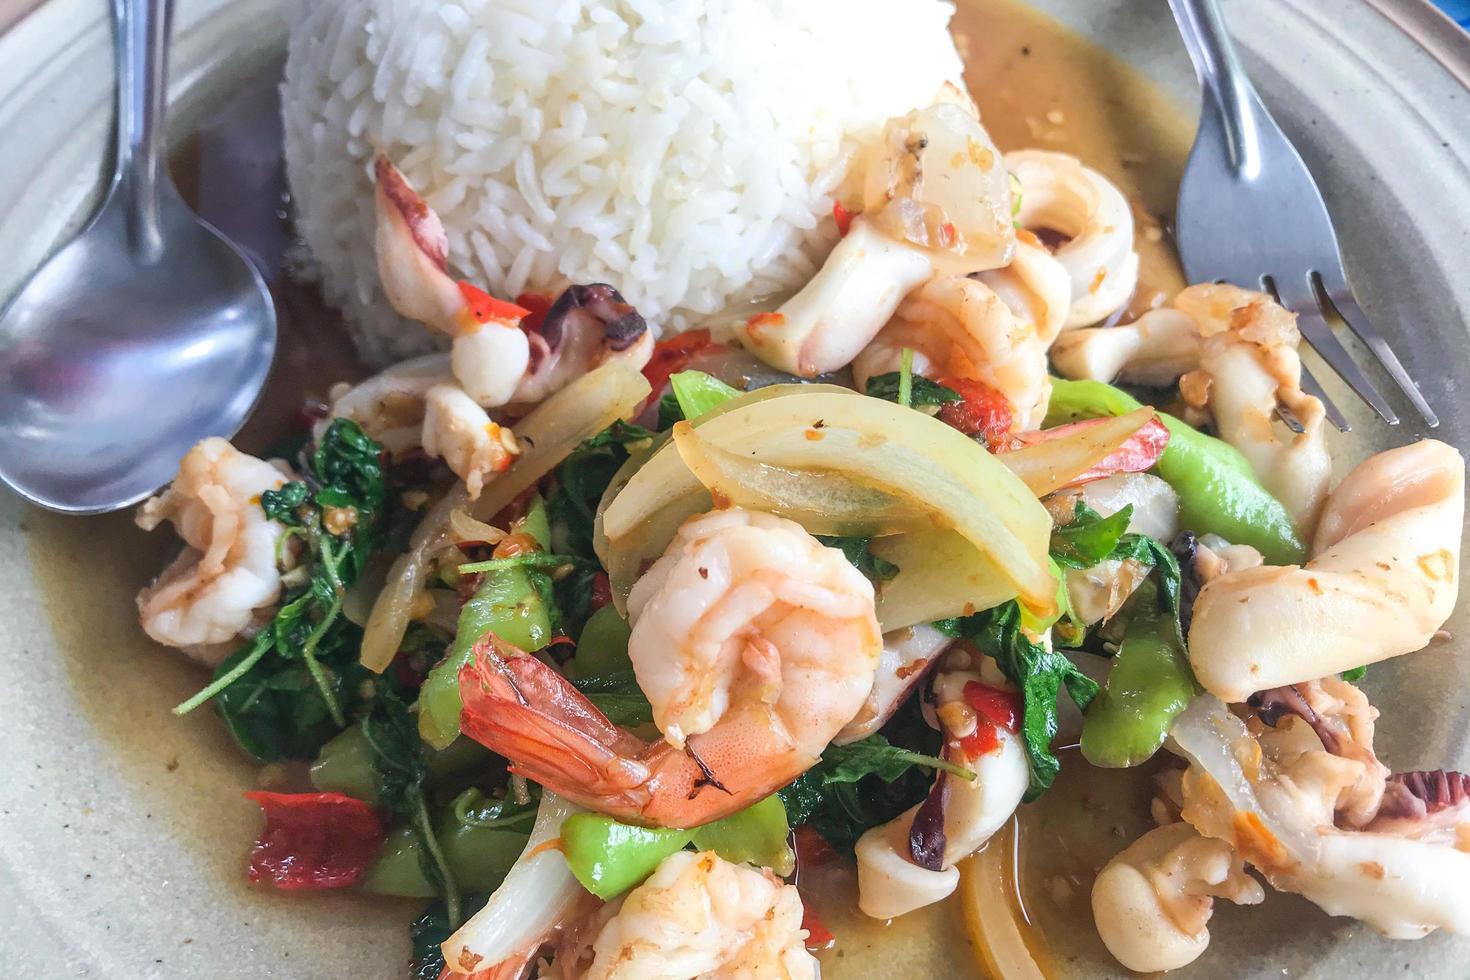 albahaca de camarones. comida a la carta popular entre los tailandeses. foto